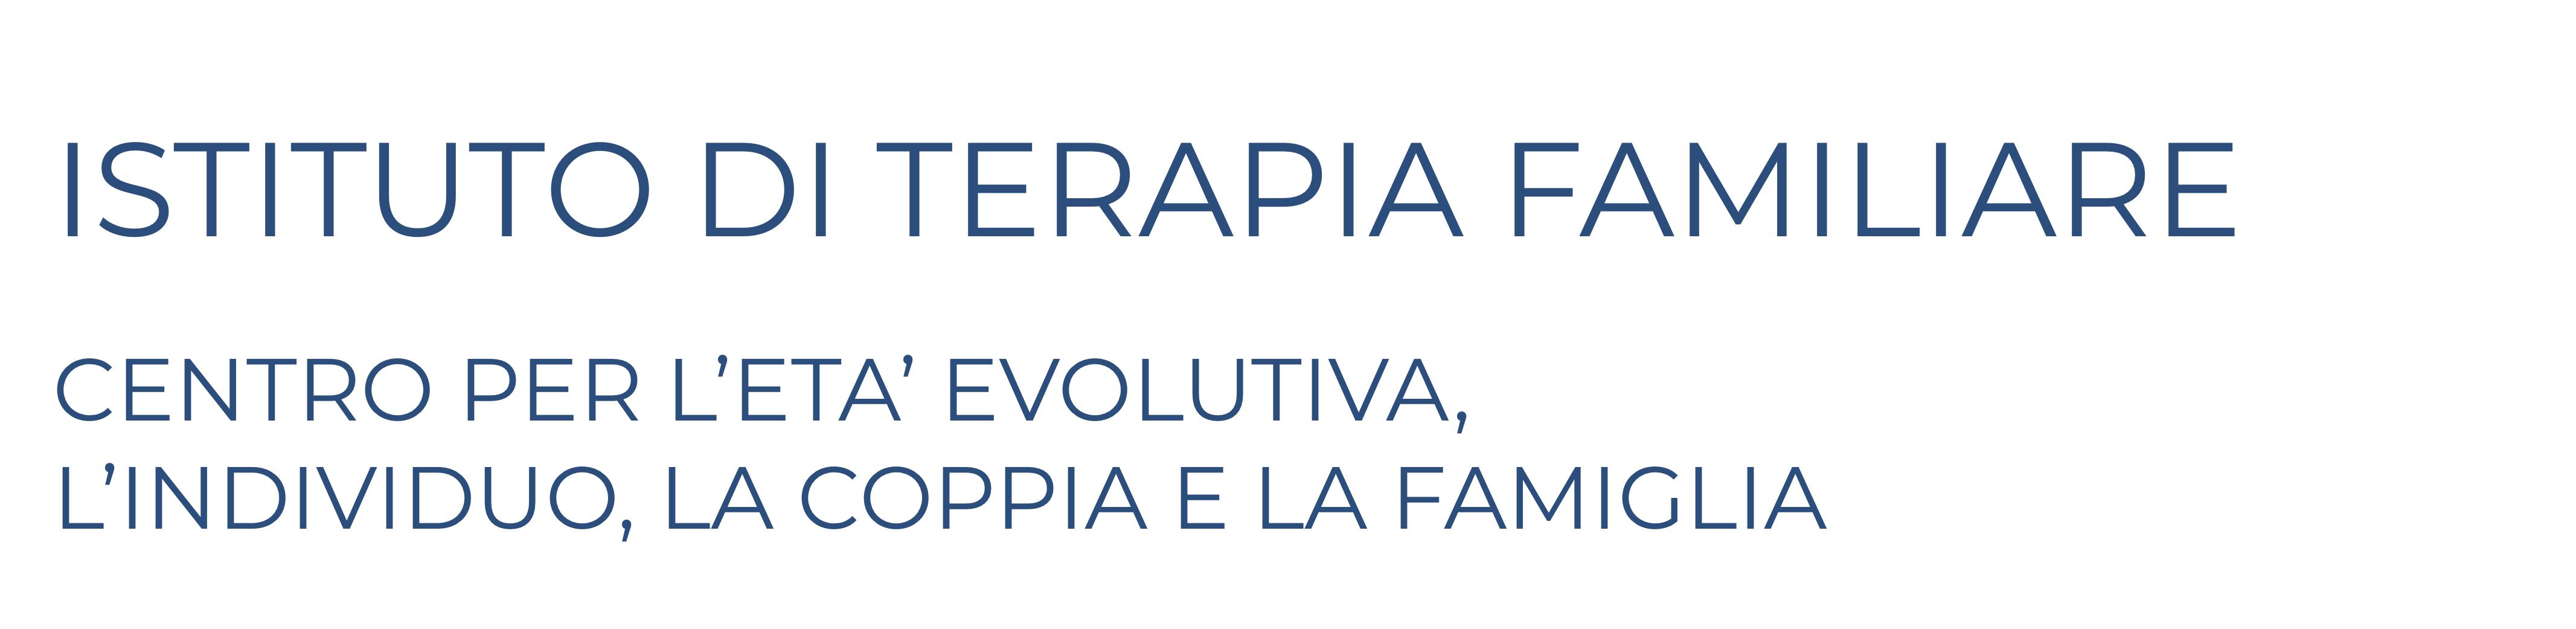 ISTITUTO DI TERAPIA FAMILIARE CENTRO PER L'ETA' EVOLUTIVA, L'INDIVIDUO, LA COPPIA E LA FAMIGLIA